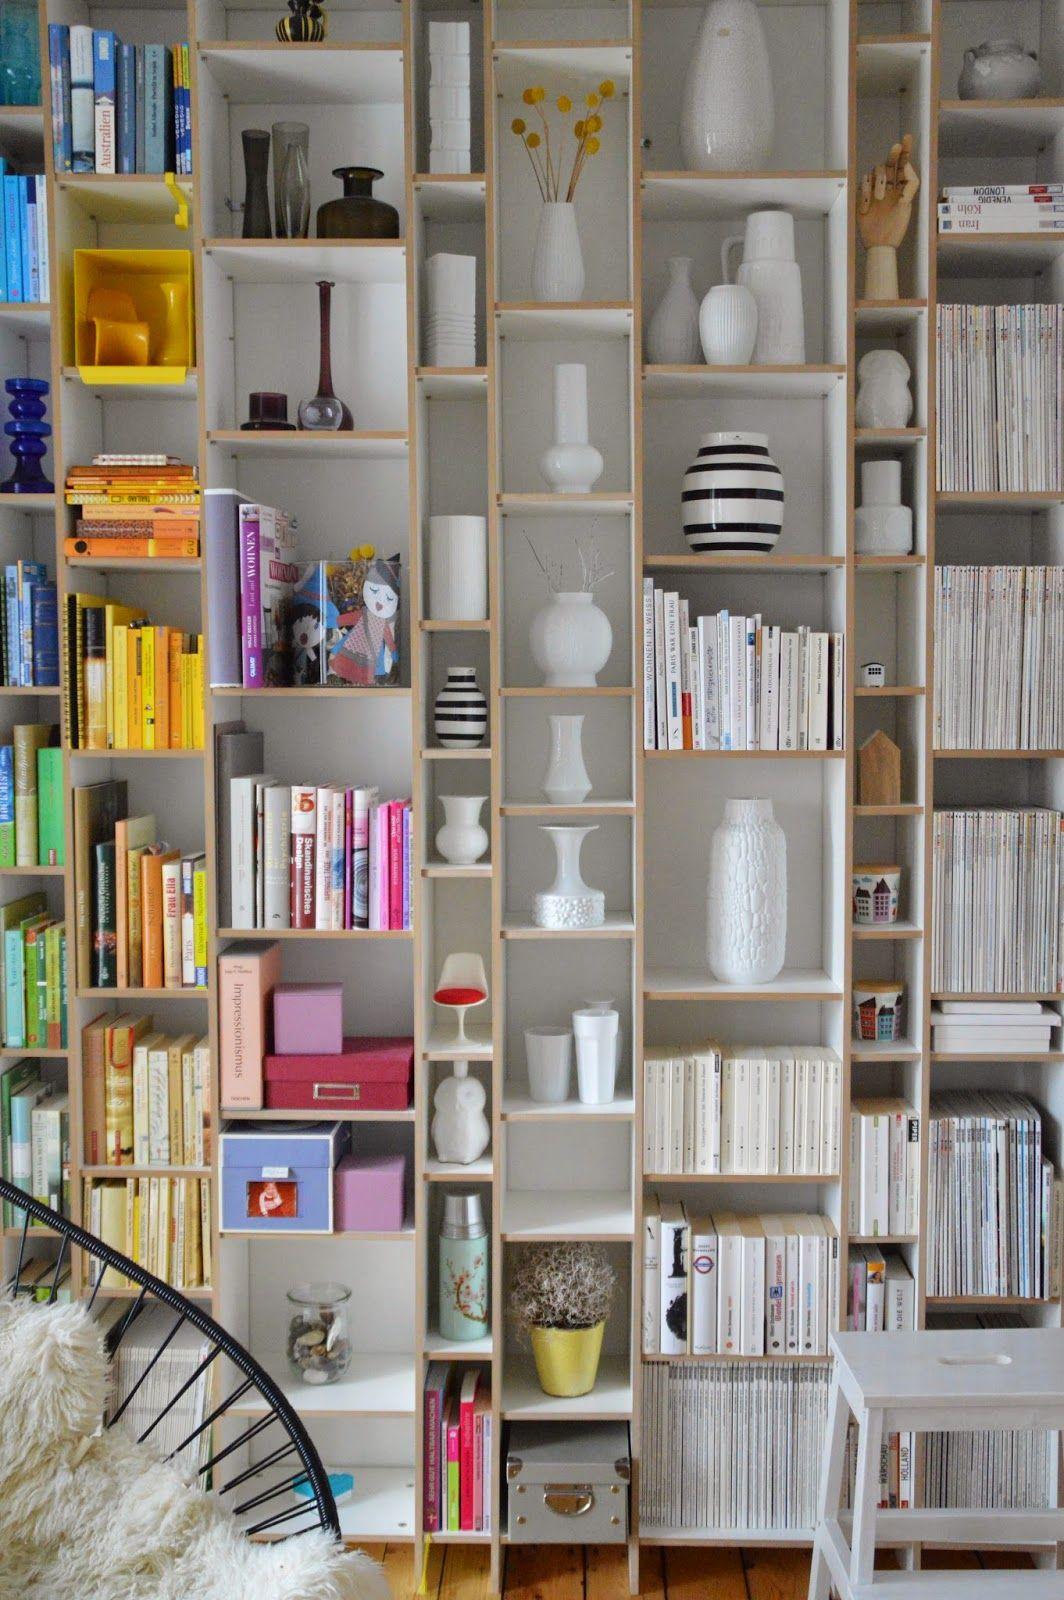 Full Size of Aus Der Toolbobcherregal Design Cd Dvd Regal Schmales Babyzimmer Regale Kleiderschrank Holzregal Badezimmer Kanban Leiter Berlin Werkstatt Grün Metall Kaufen Regal Bücher Regal